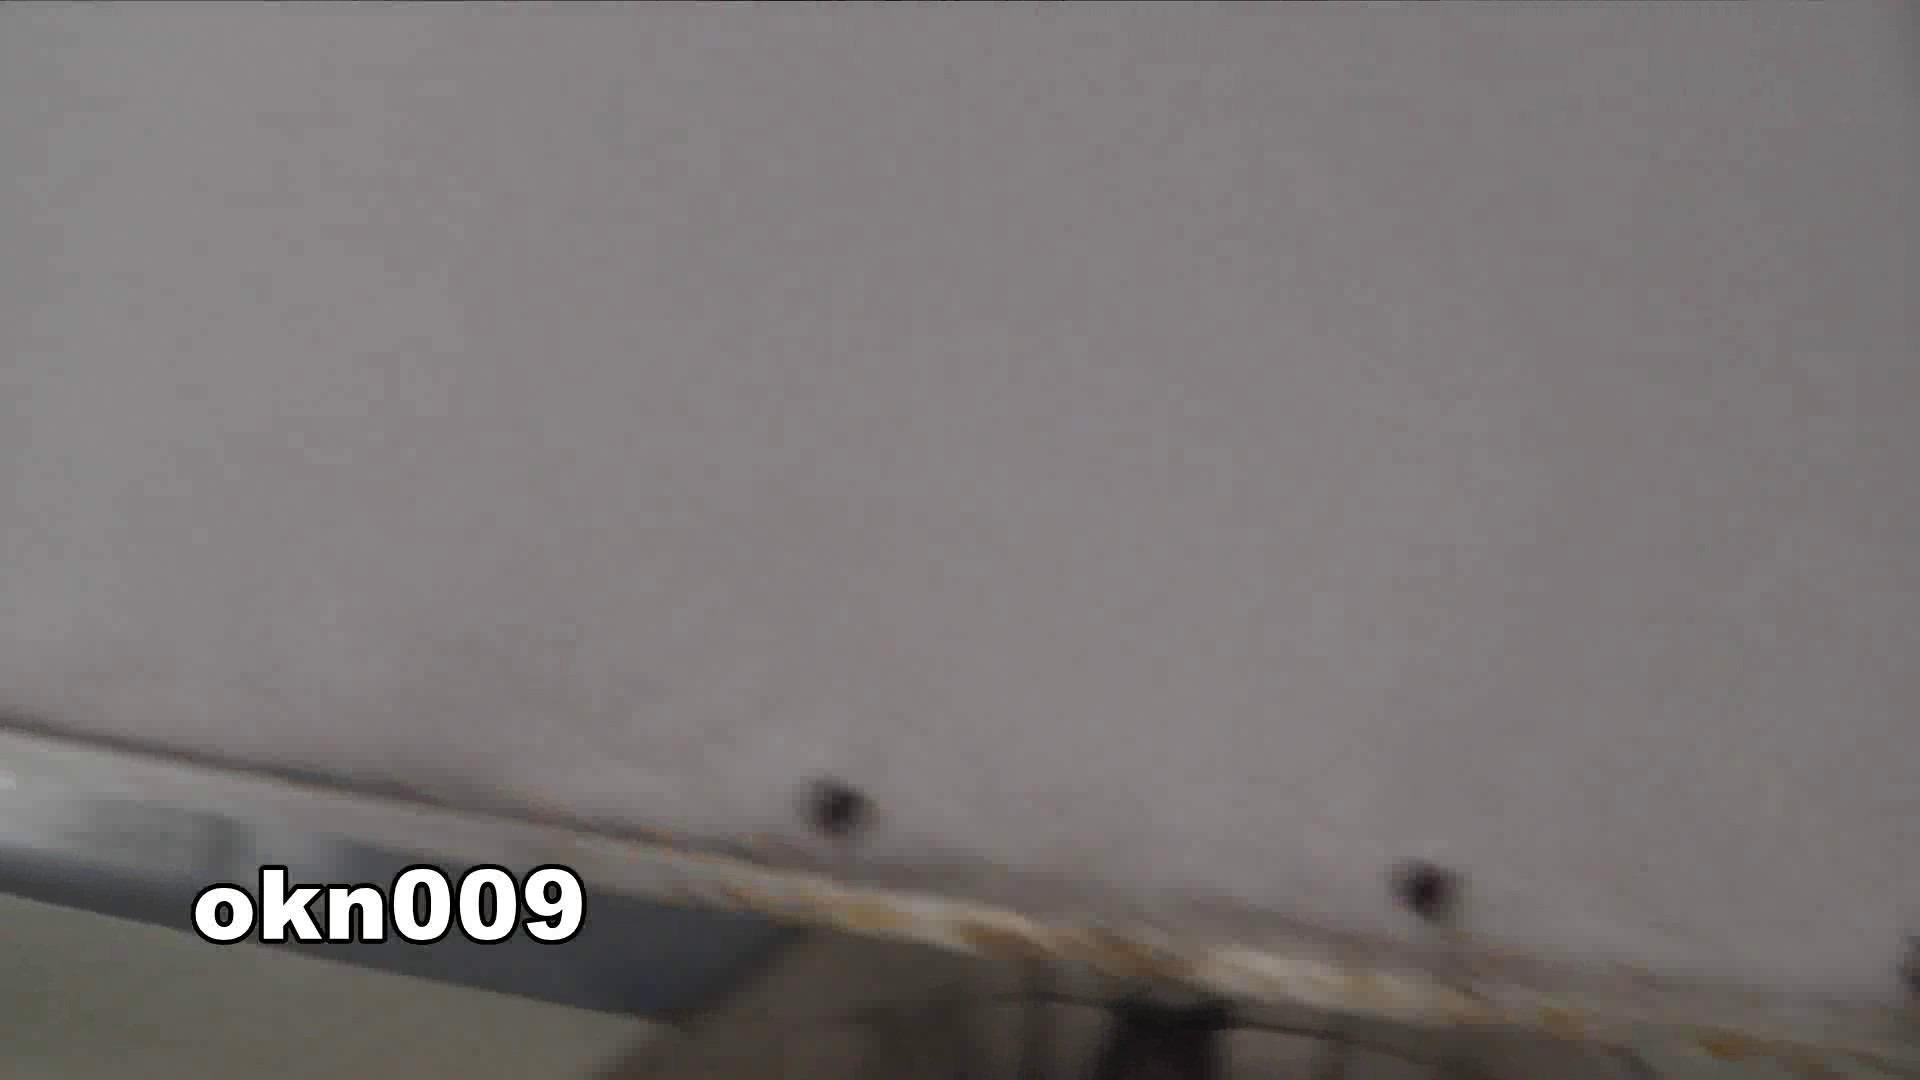 下からノゾム vol.009 リキンでモリアガった割にヒョロ 洗面所 | 丸見えマンコ  55画像 54